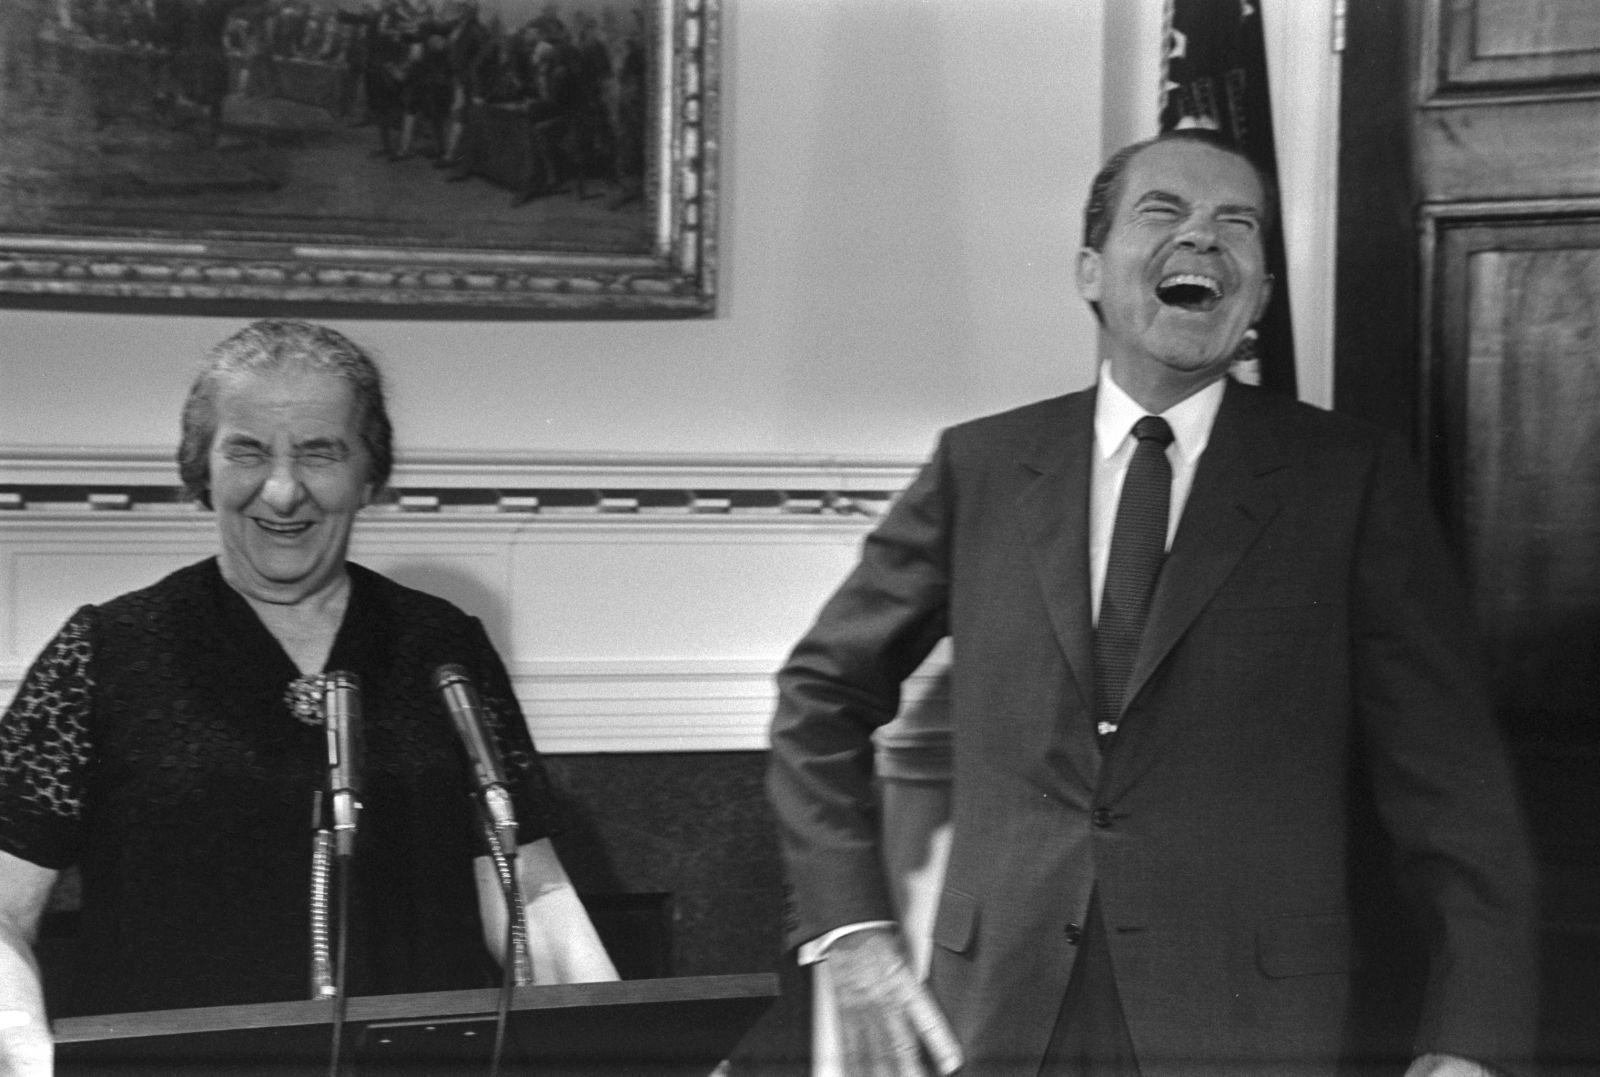 """גולדה מאיר וריצ'רד ניקסון, הבית-הלבן, 26.9.69 (צילום: משה מילנר, לע""""מ)"""